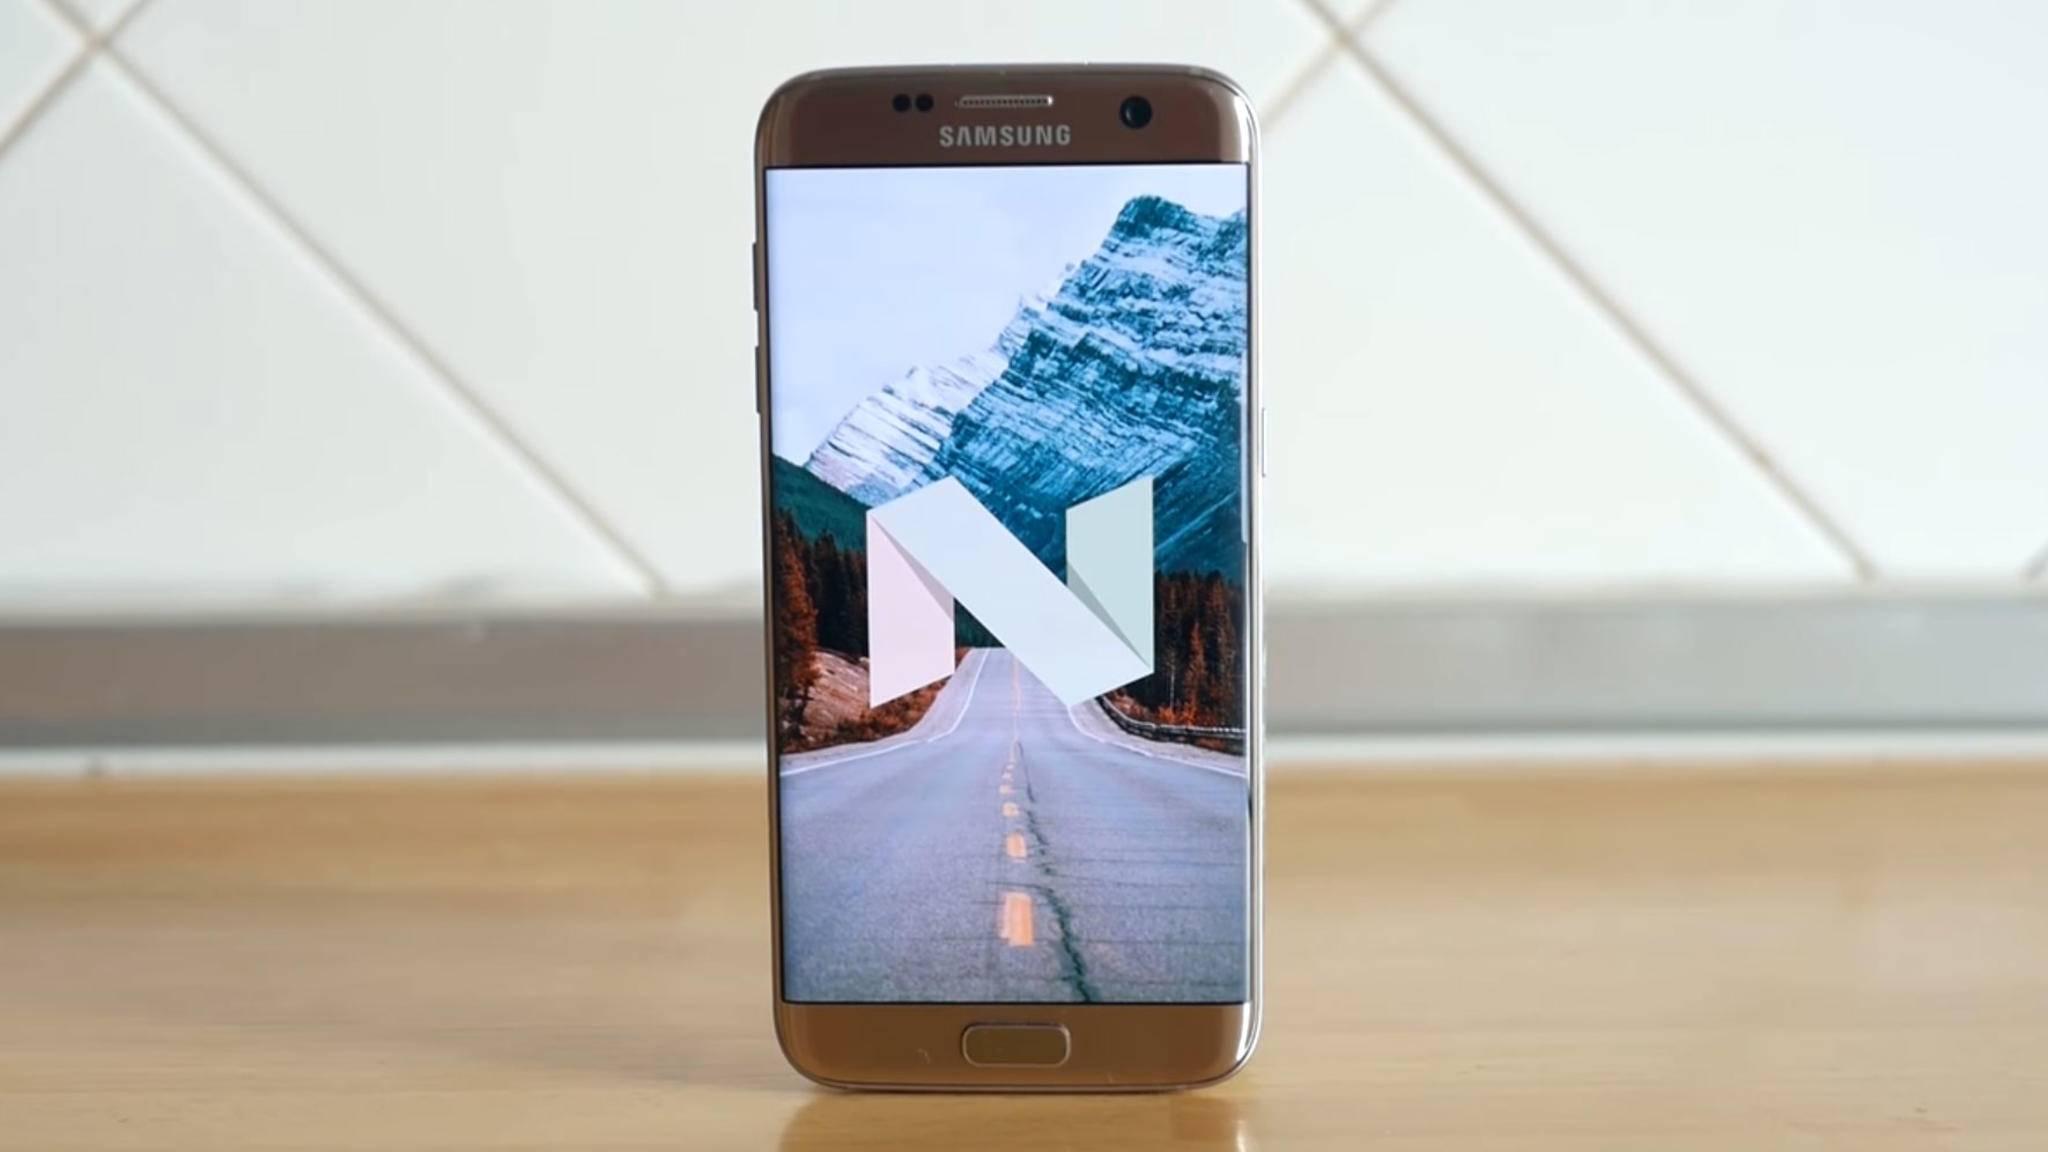 Seit Android 7.0 Nougat kannst Du den Splitscreen-Modus nutzen.